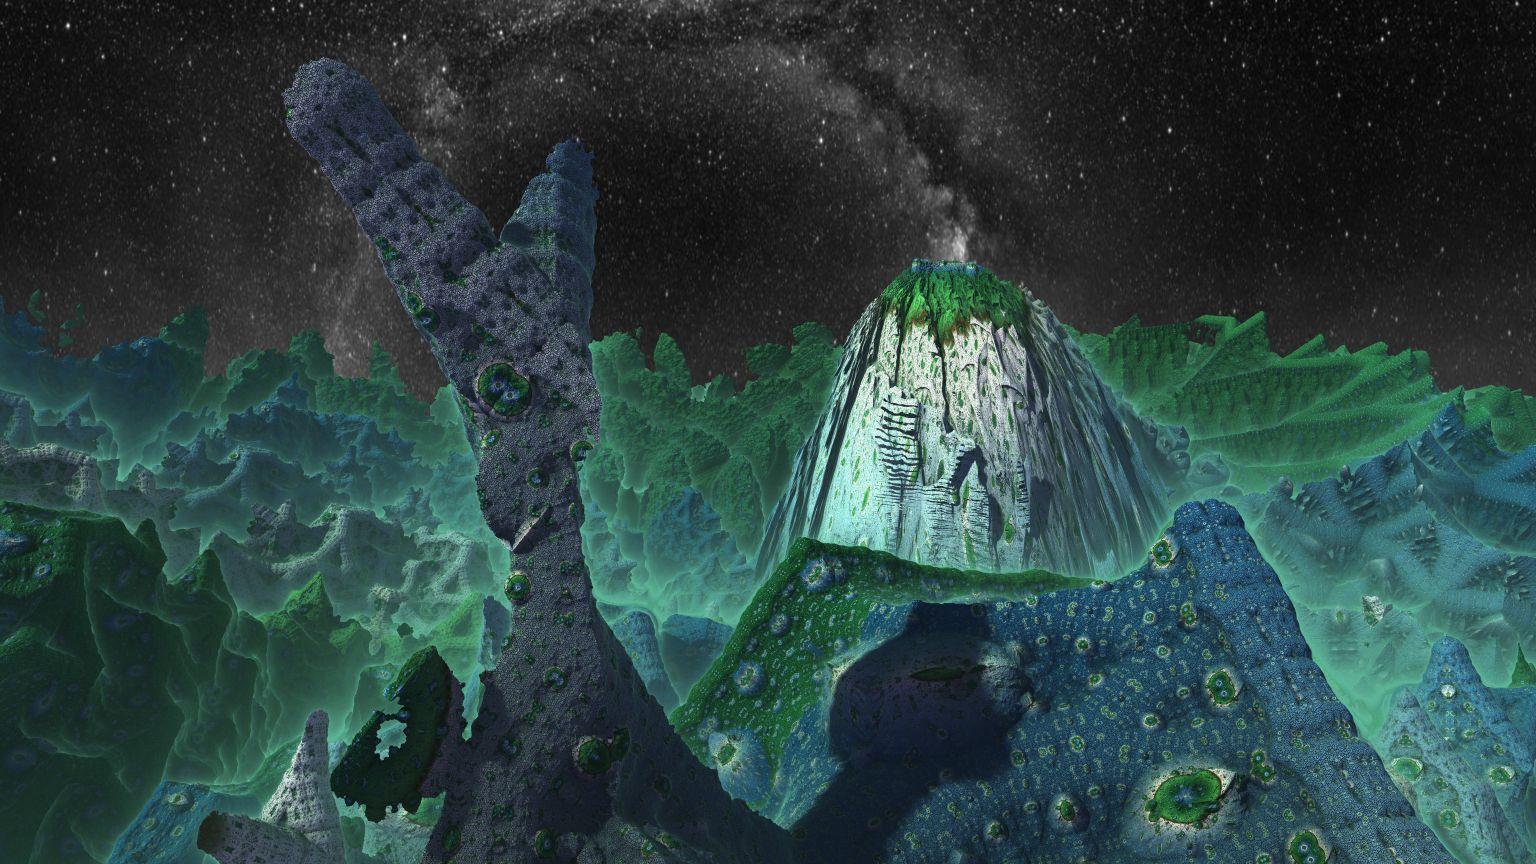 Dark Alien World wallpaper in 1536x864 resolution 1536x864